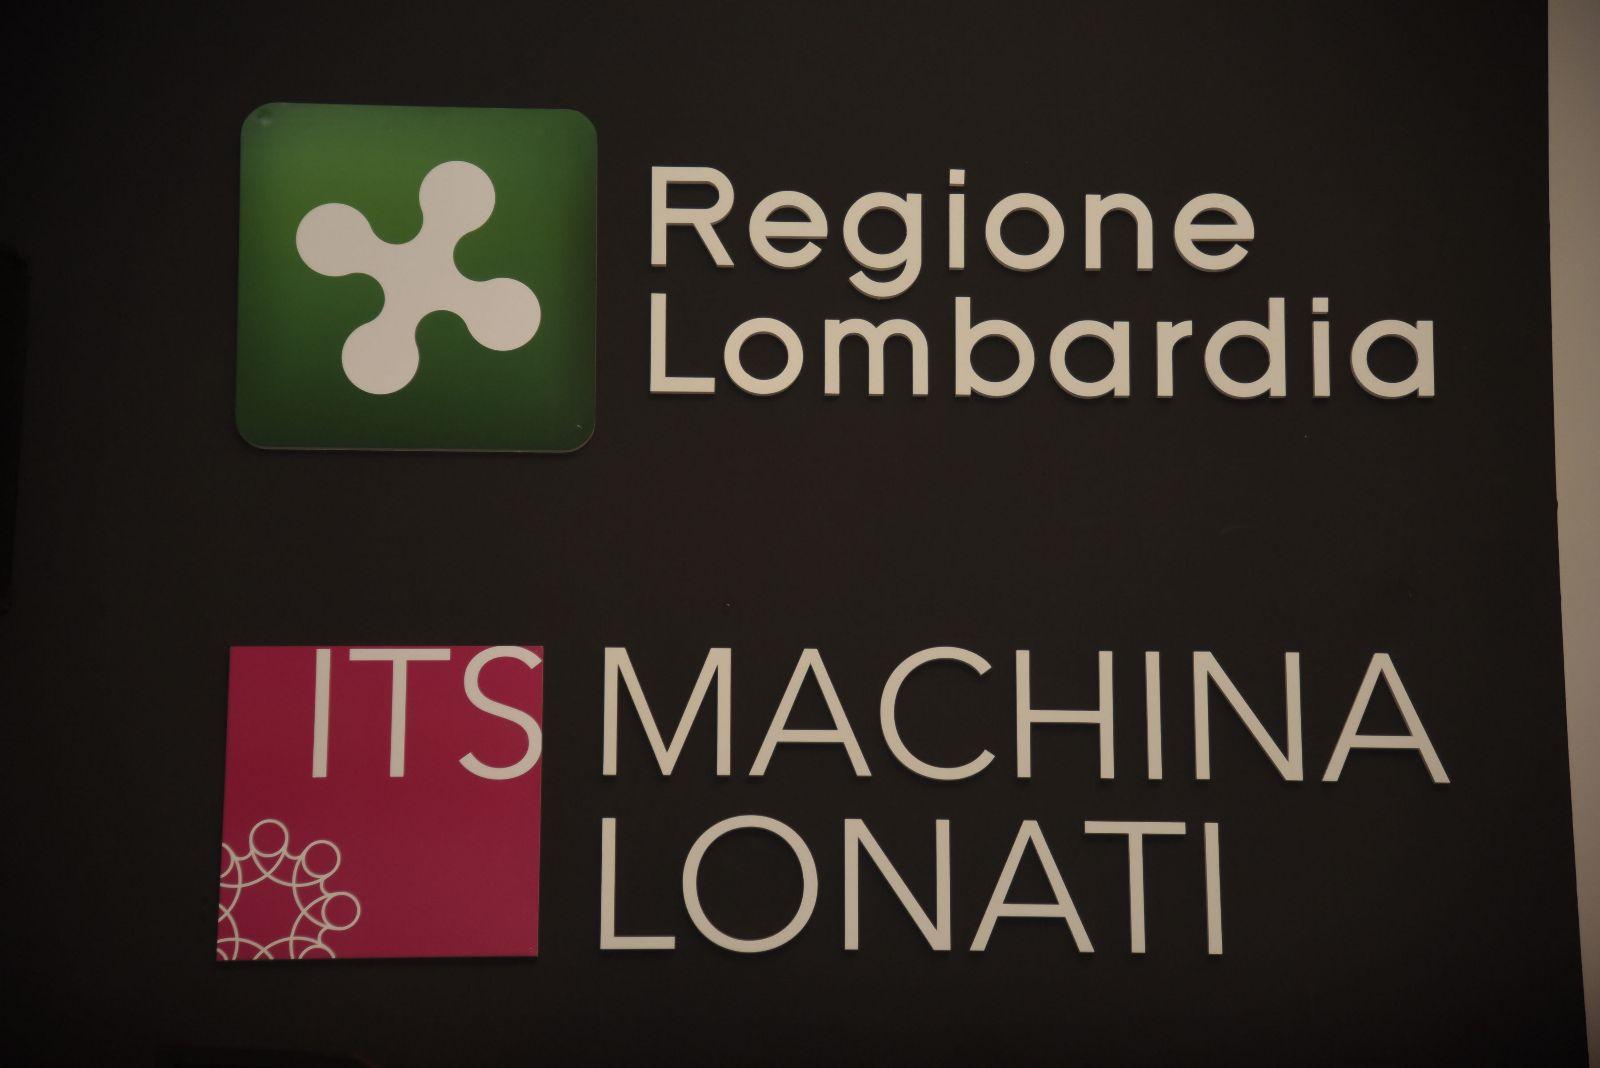 its machina lonati